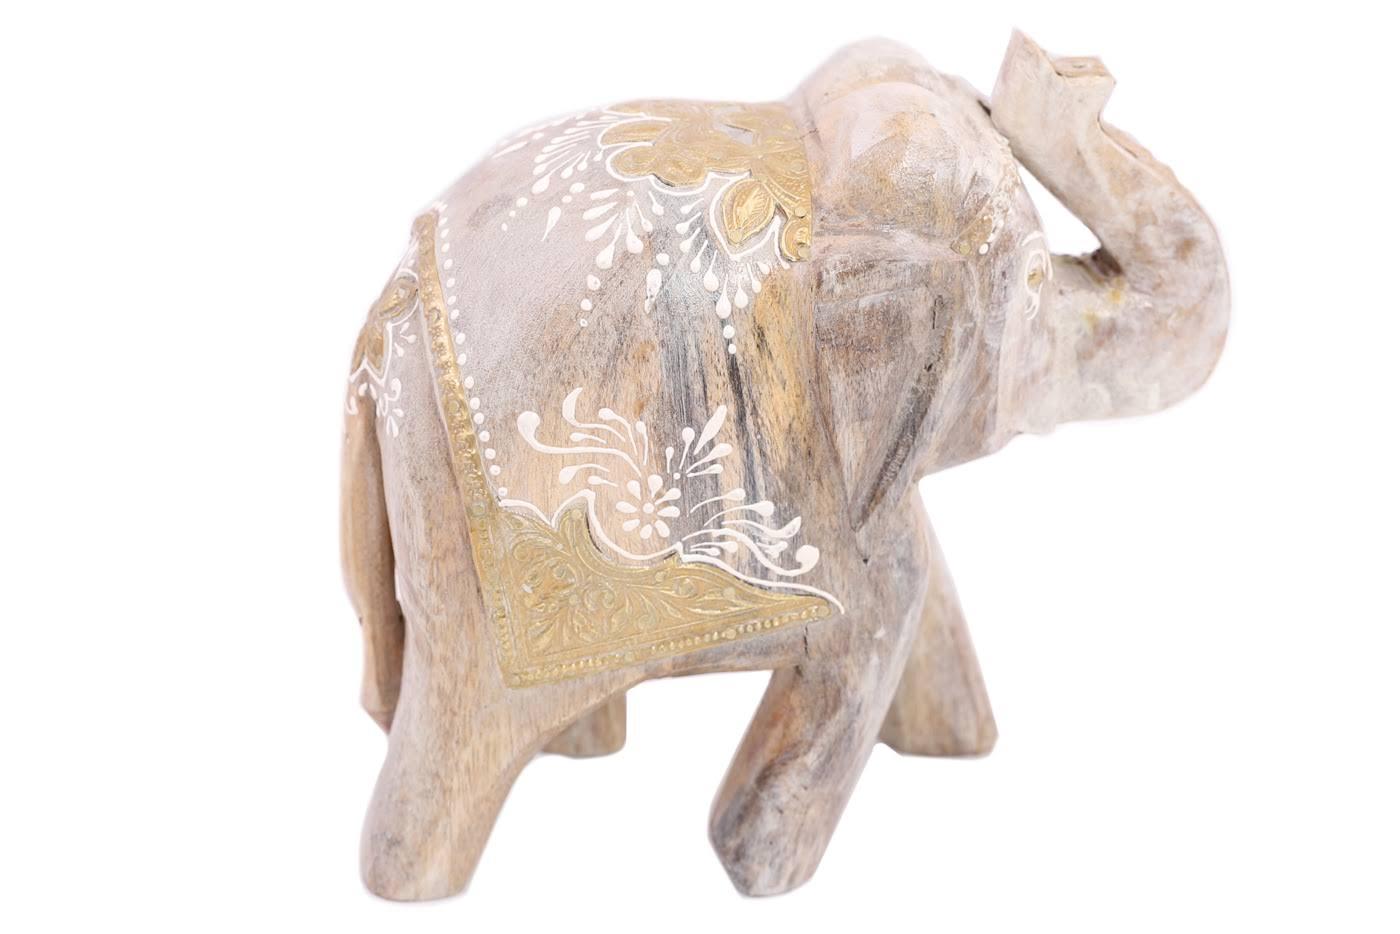 Купить Статуэтки и фигурки Ганг, Фигурка Слон Цвет: Бежевый (10х20х21 см), Индия, Дерево, Латунь